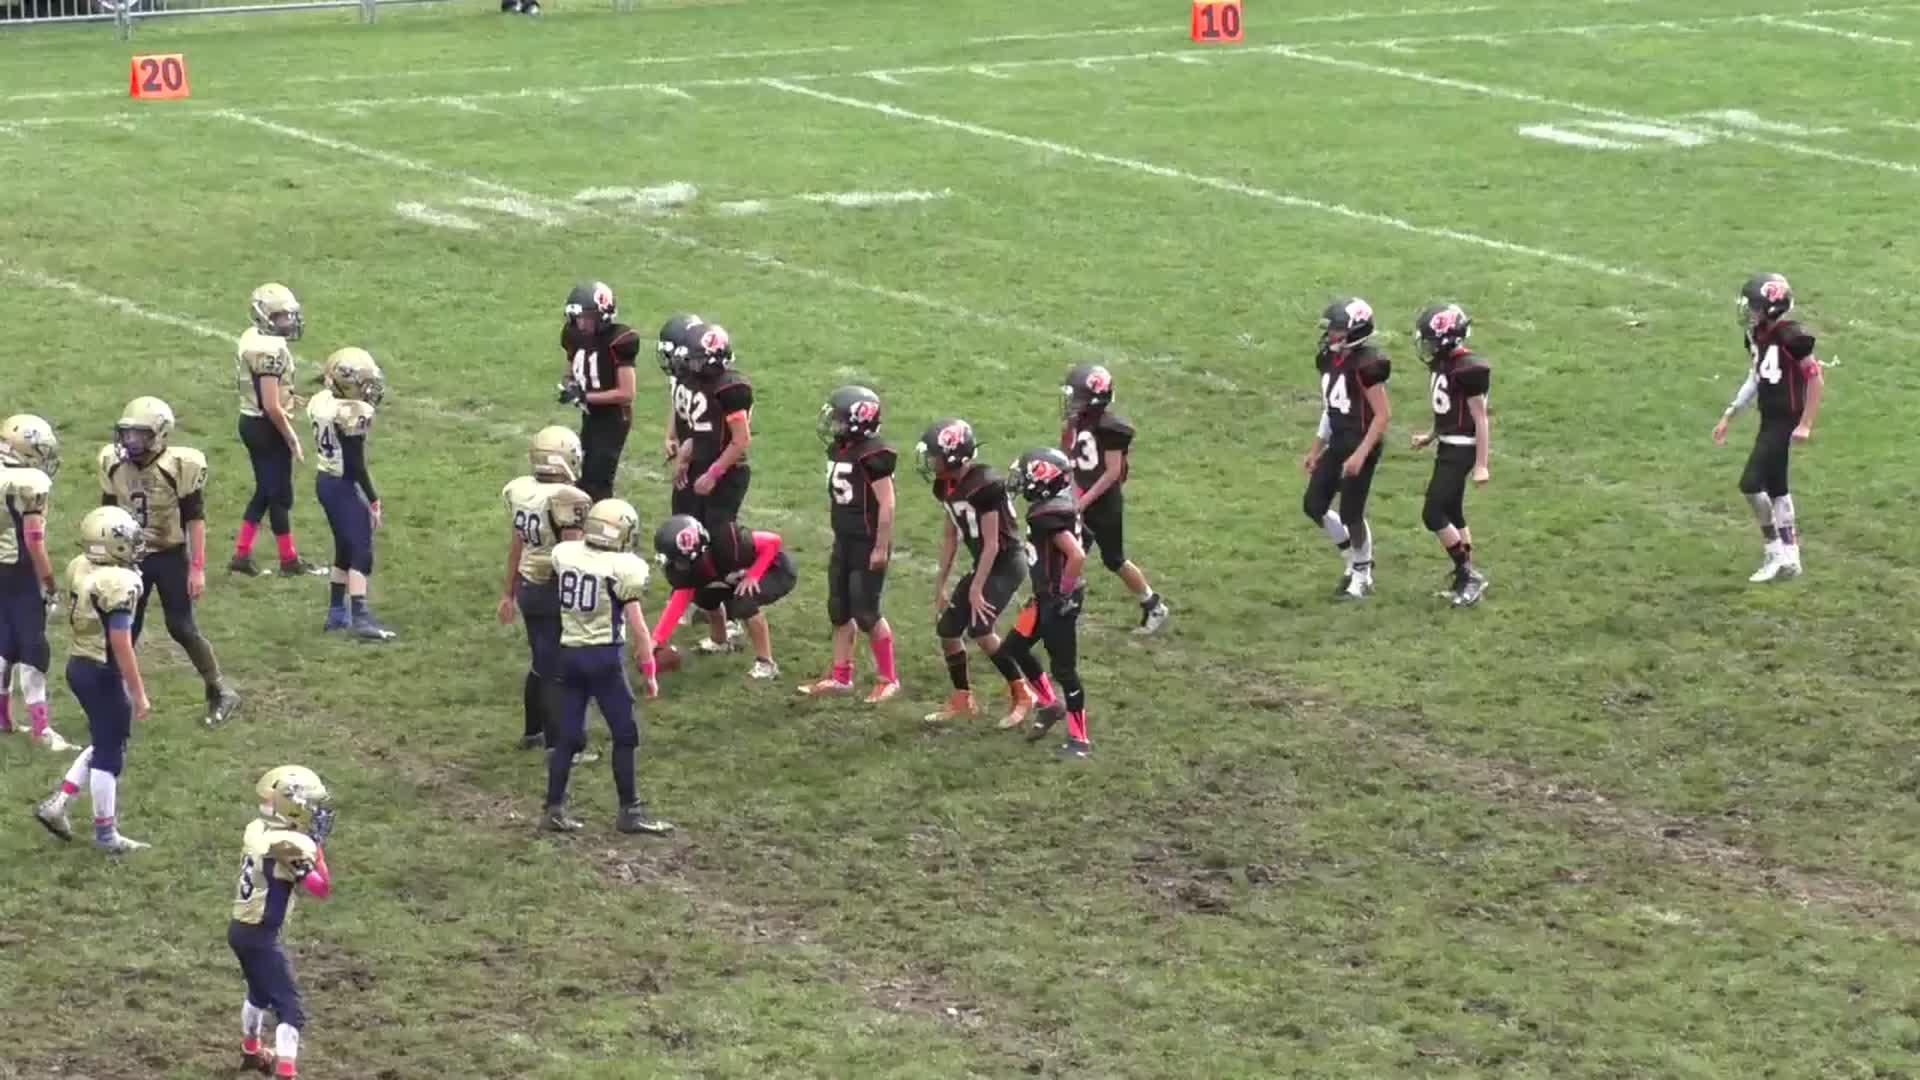 Freeport pensylvania midget football